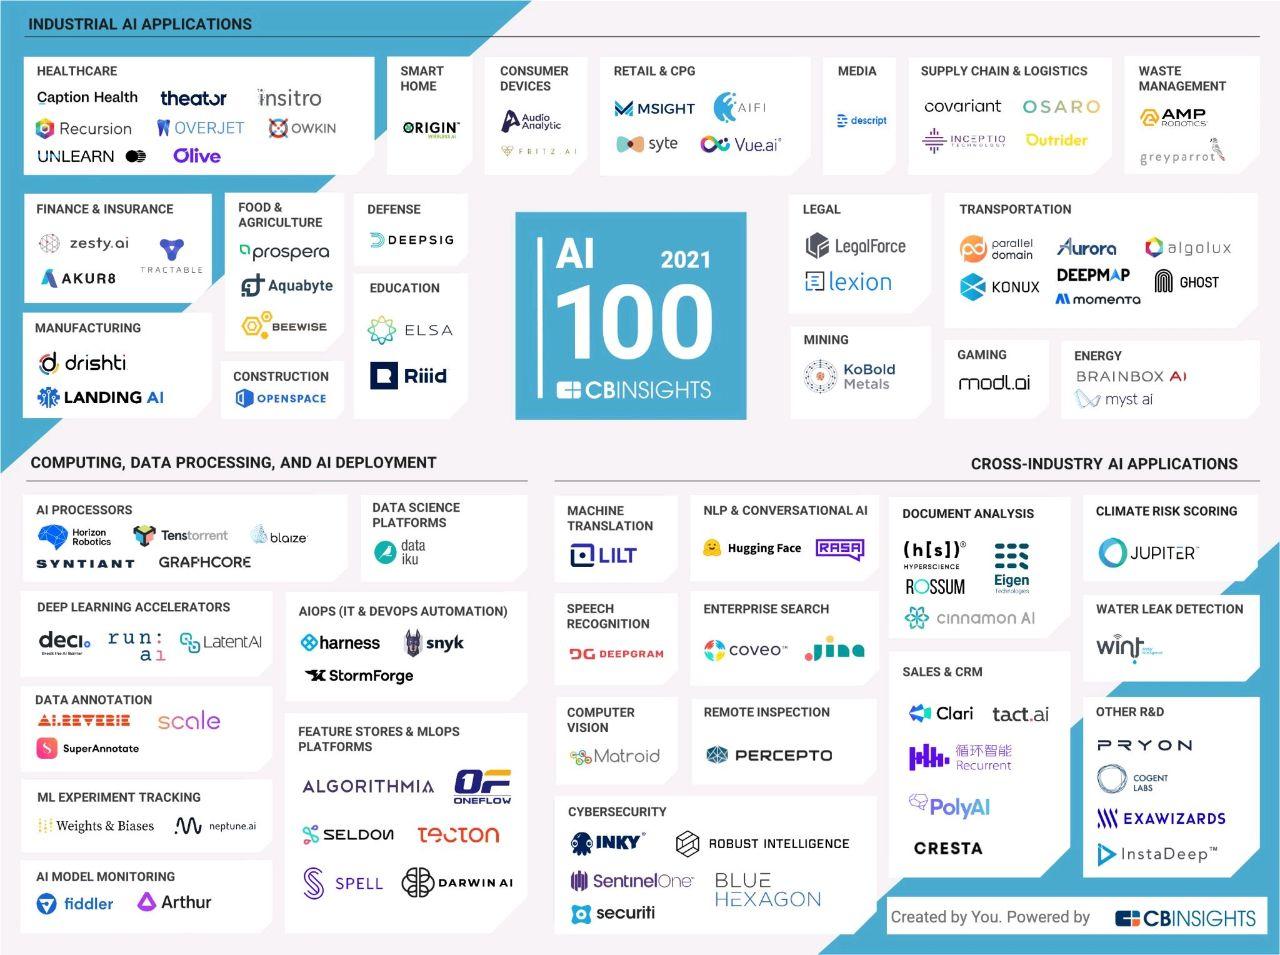 🔴موسسه CB INSIGHT گزارش سالانه هوش مصنوعی خود را منتشر کرد.  در این گزارش، ۱۰۰ استارتاپ برتر خصوصی در زمینه هوش مصنوعی معرفی شدهاند.  📌 فنولوژی | قدرتگرفته از آینده | @fanology_ir @aimachinelearning